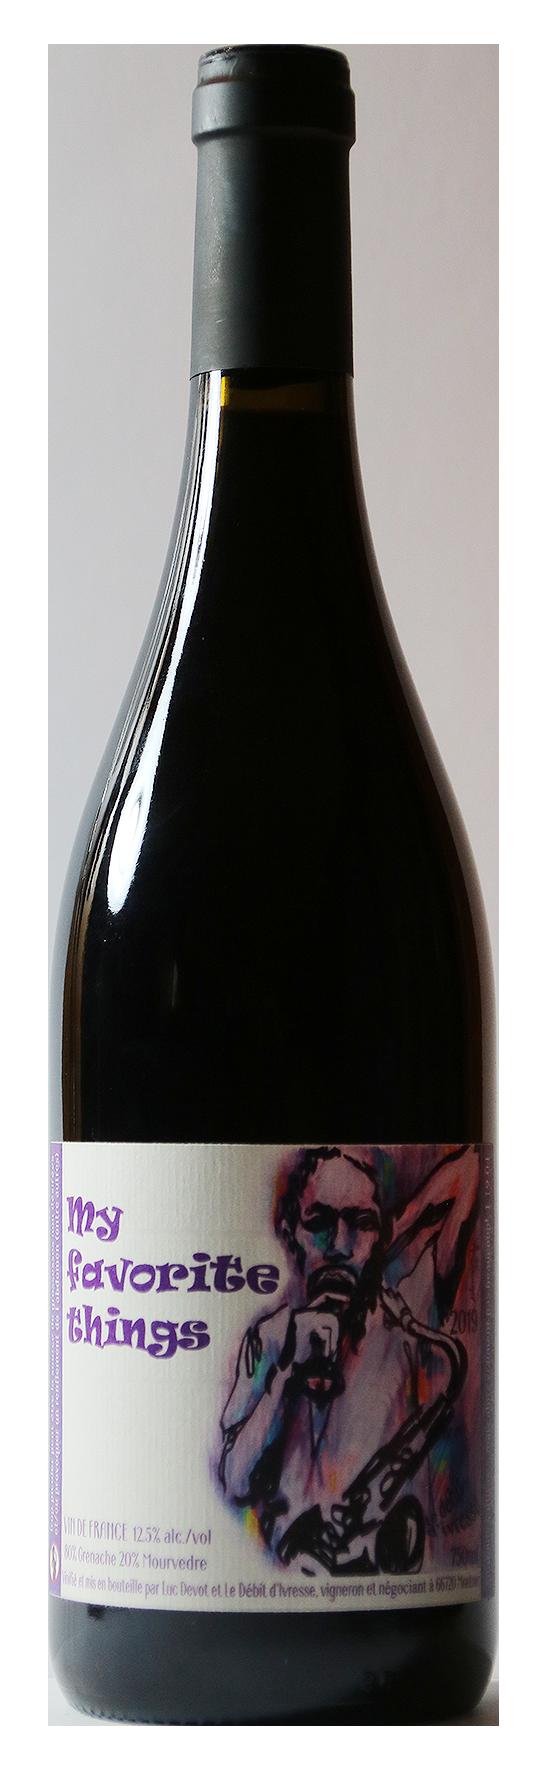 Bouteille de vin rouge naturel, My favorit things 2019 Domaine le débit d'ivresse